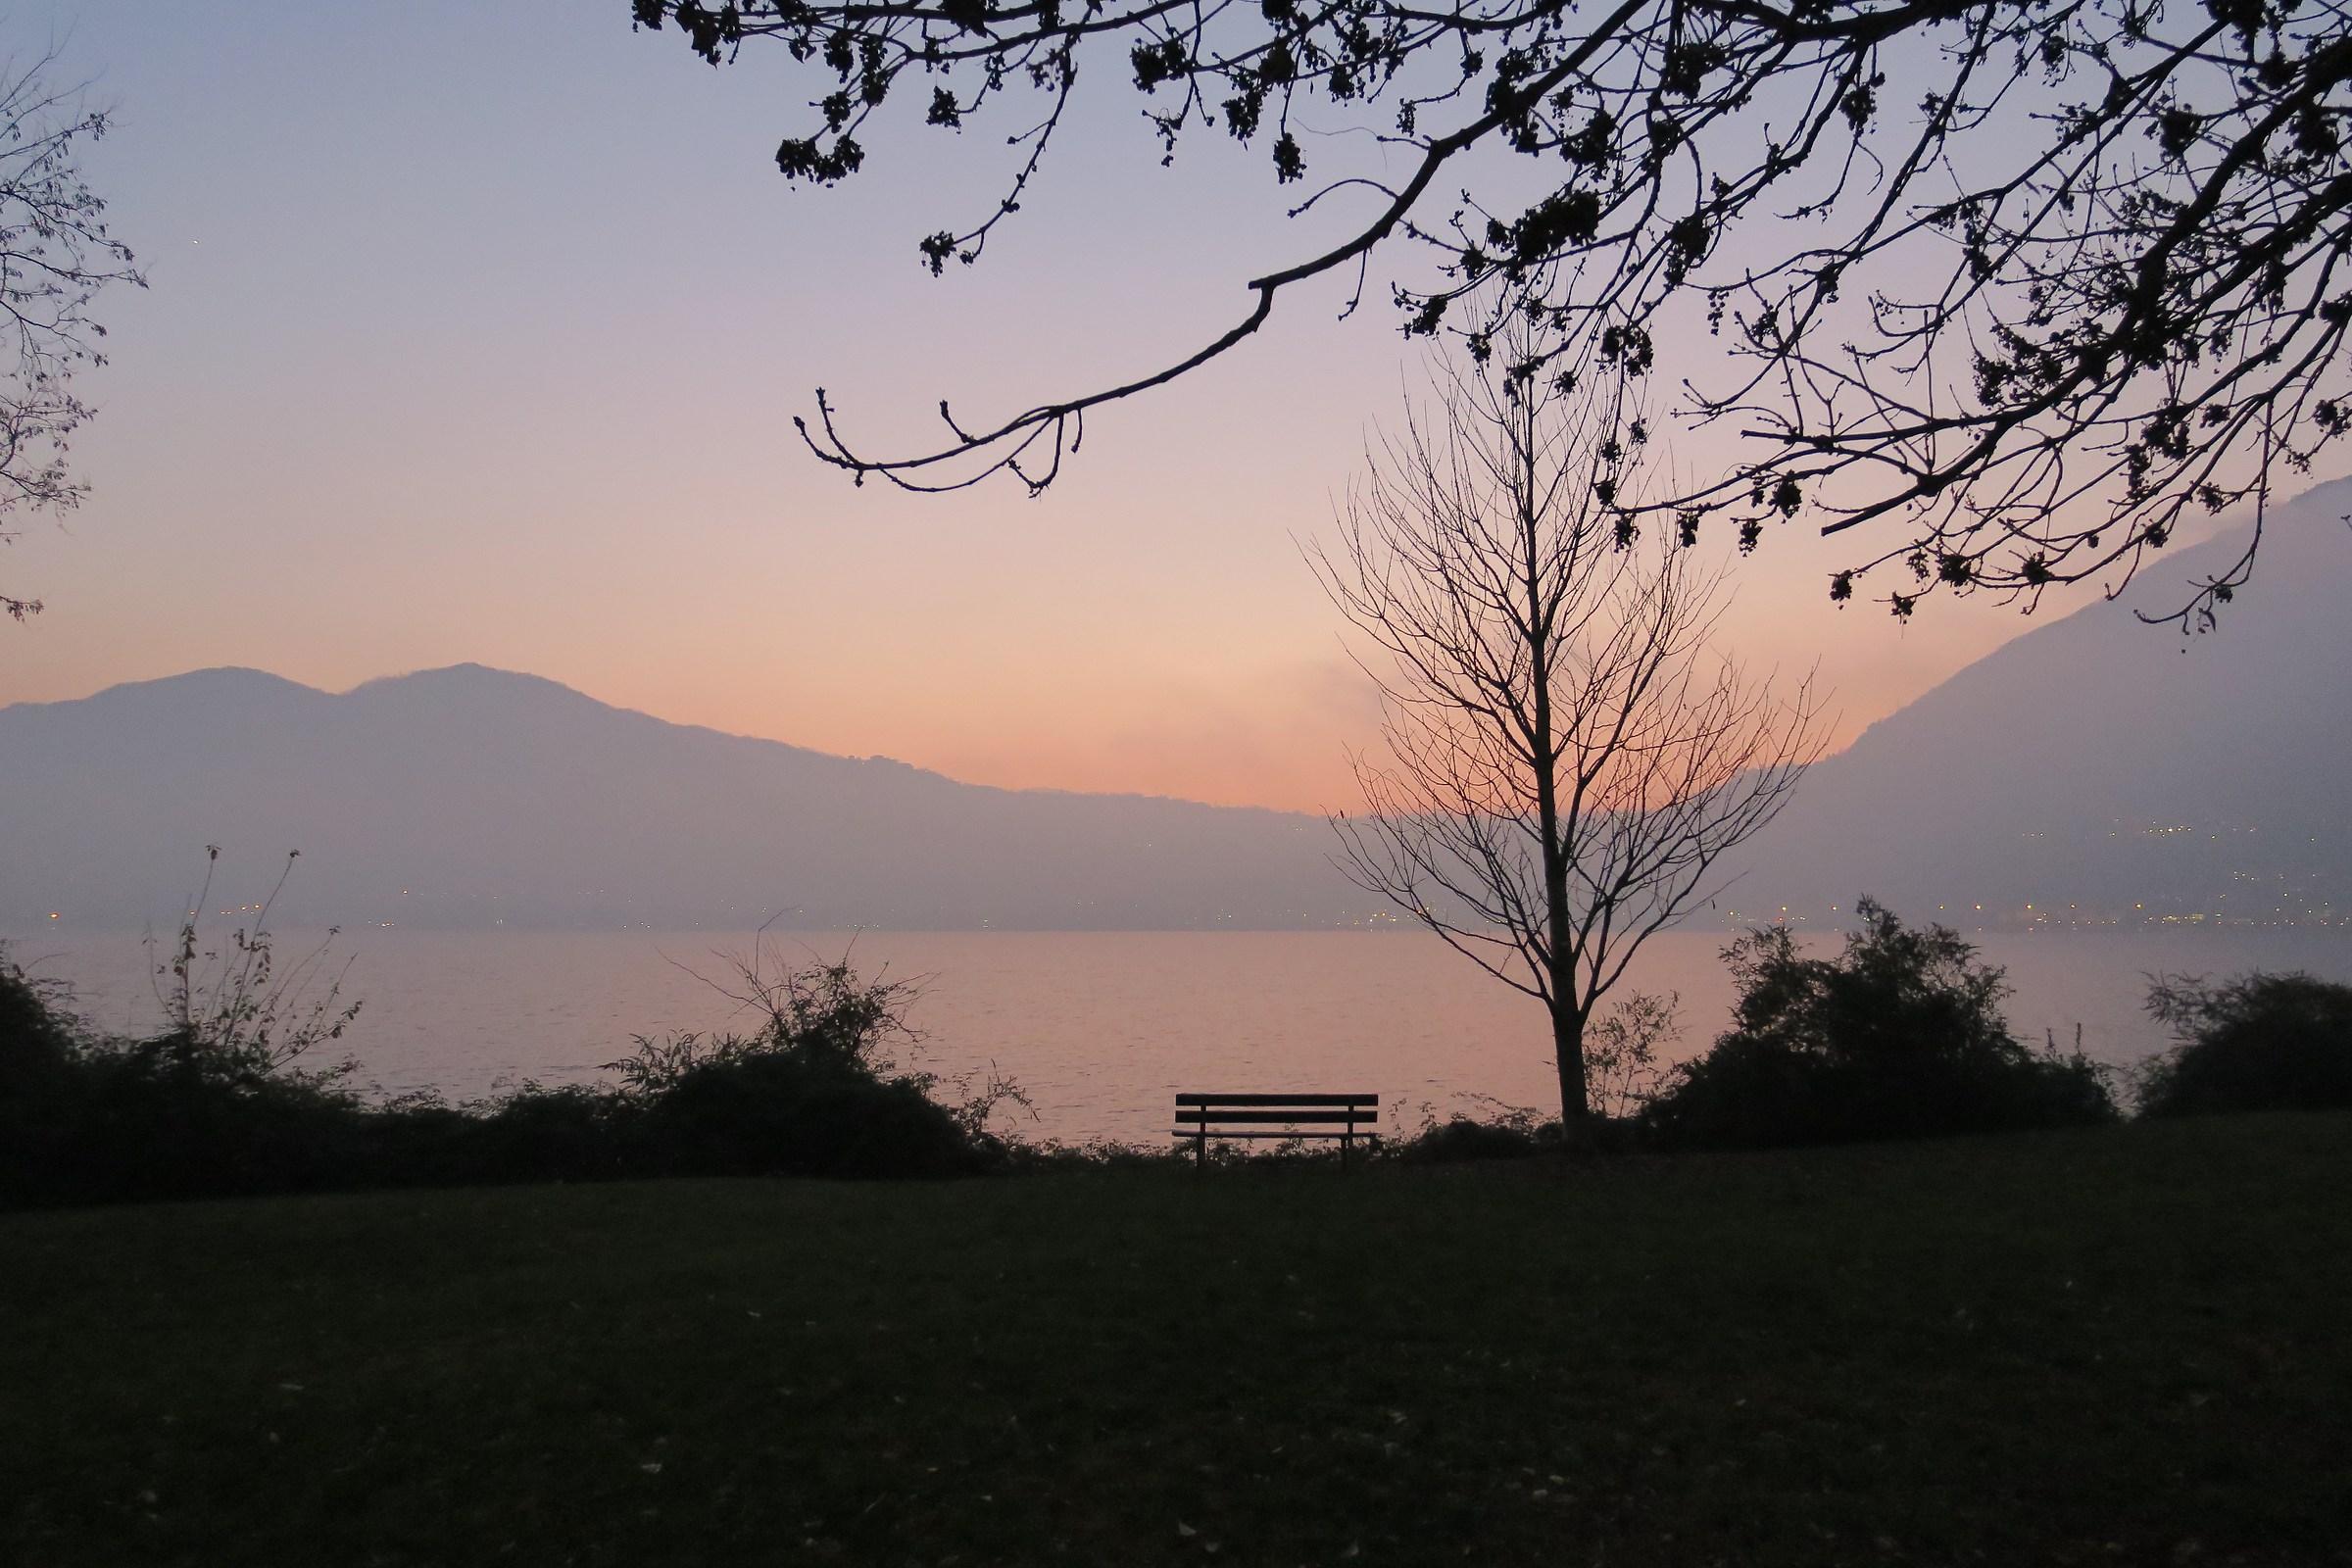 tramonto sul lago di Garlate velato dalla nebbia...